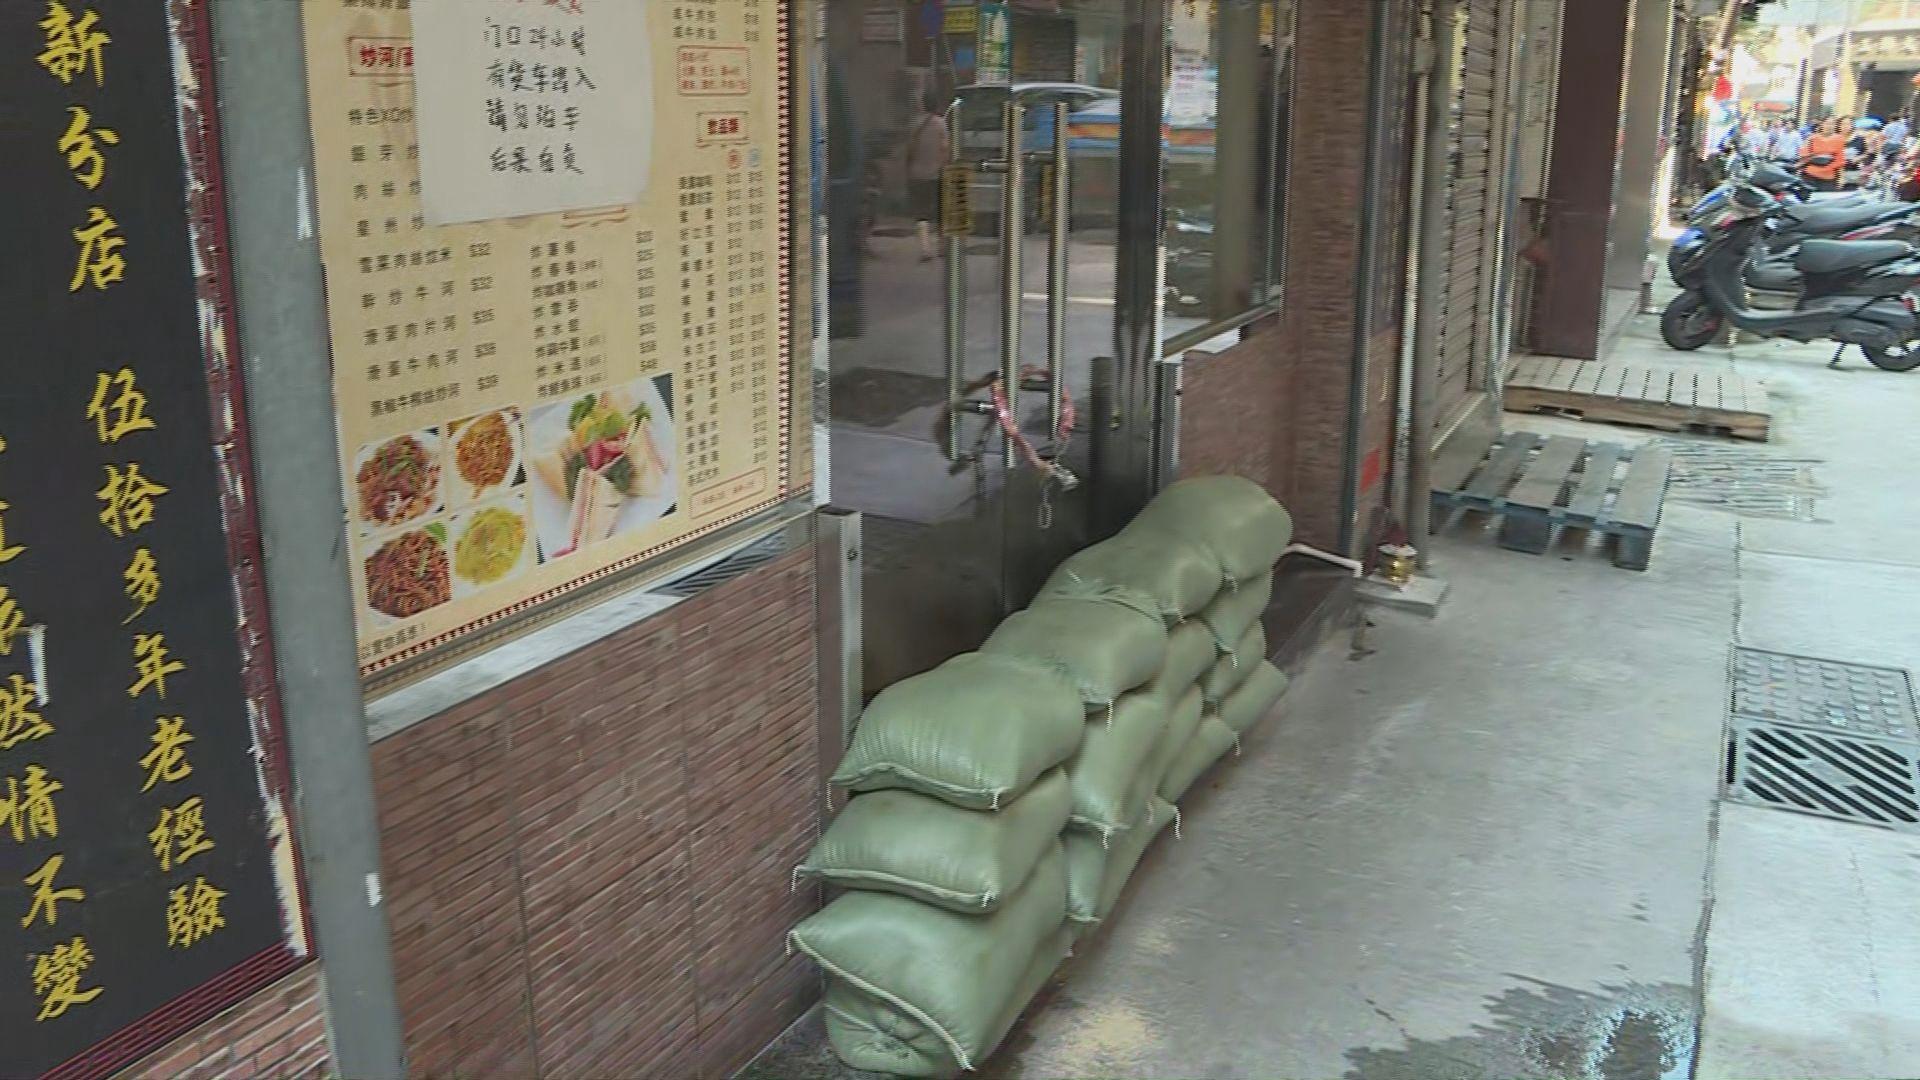 澳門商店食肆做好防風準備